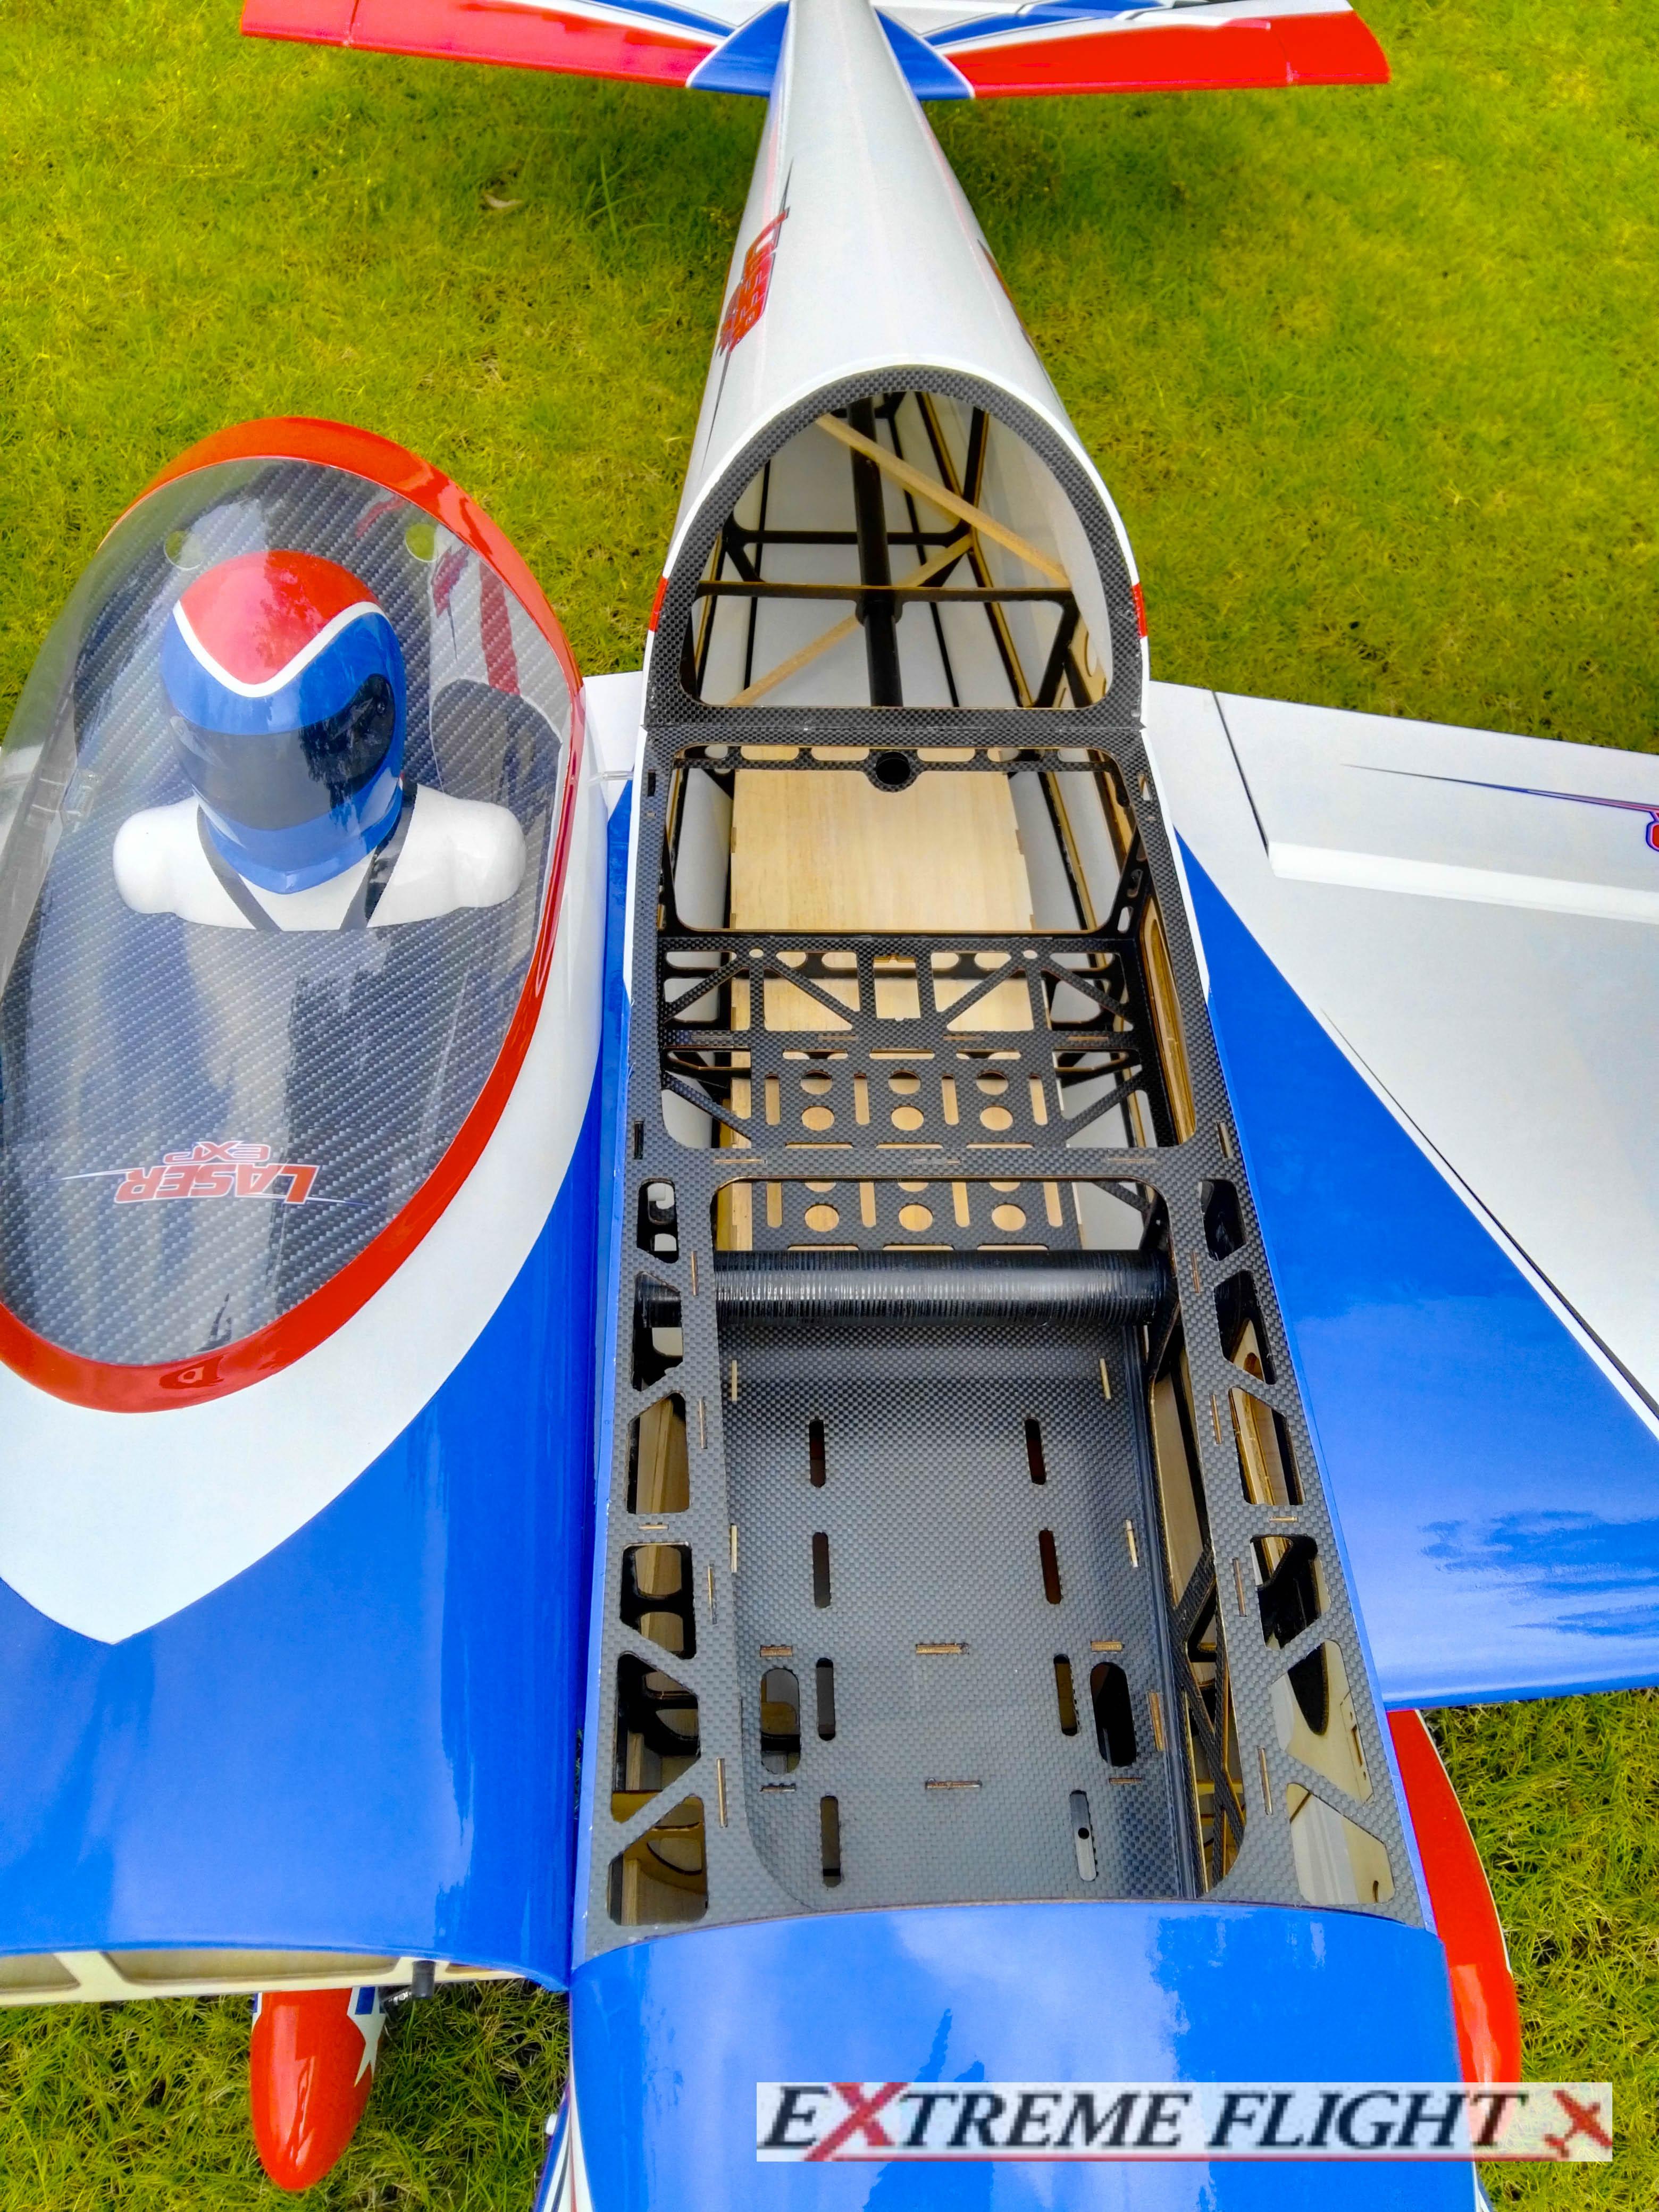 Extreme Flight 91 Quot Laser Exp Extreme Flight 65 Quot 125 Quot Range Desert Aircraft Australia